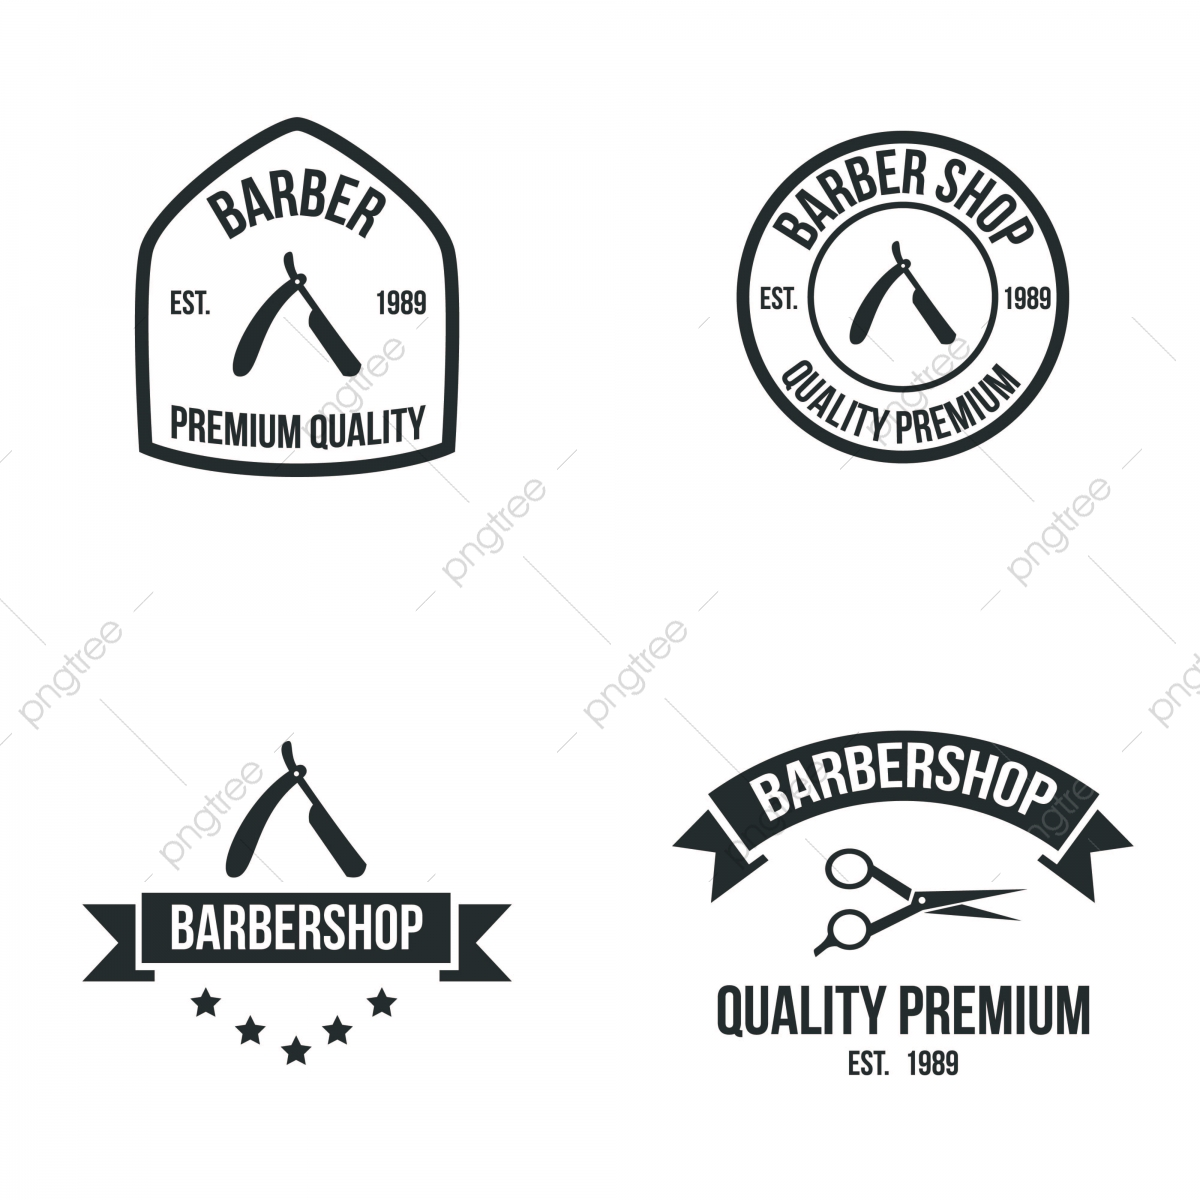 Friseur Vintage Logo Element Frisur Marke Illustration Icos Emblem